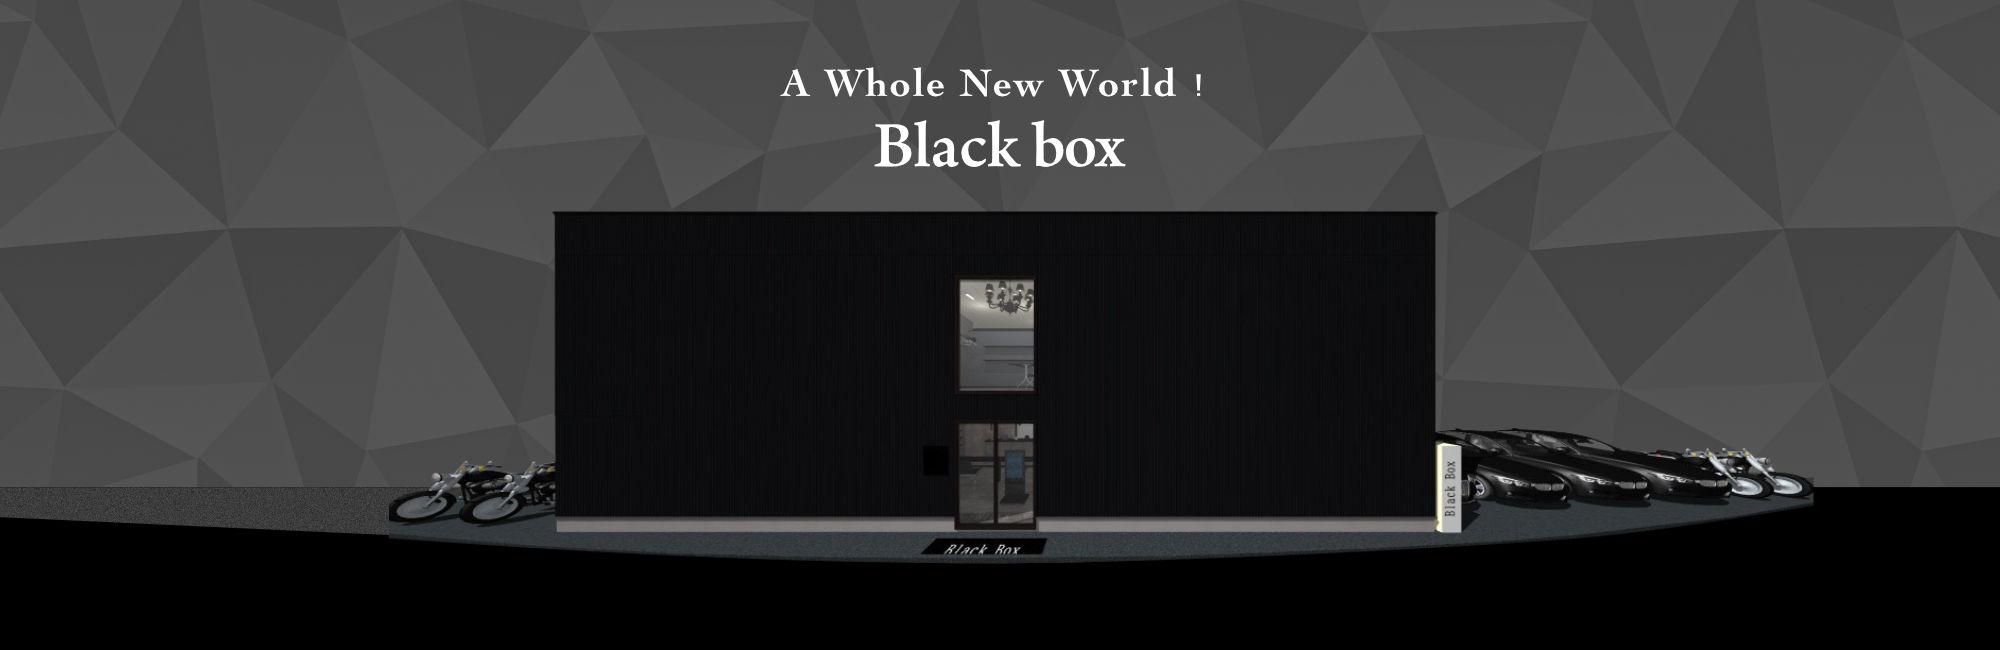 黒にこだわったセレクトショップ、ブラックボックス